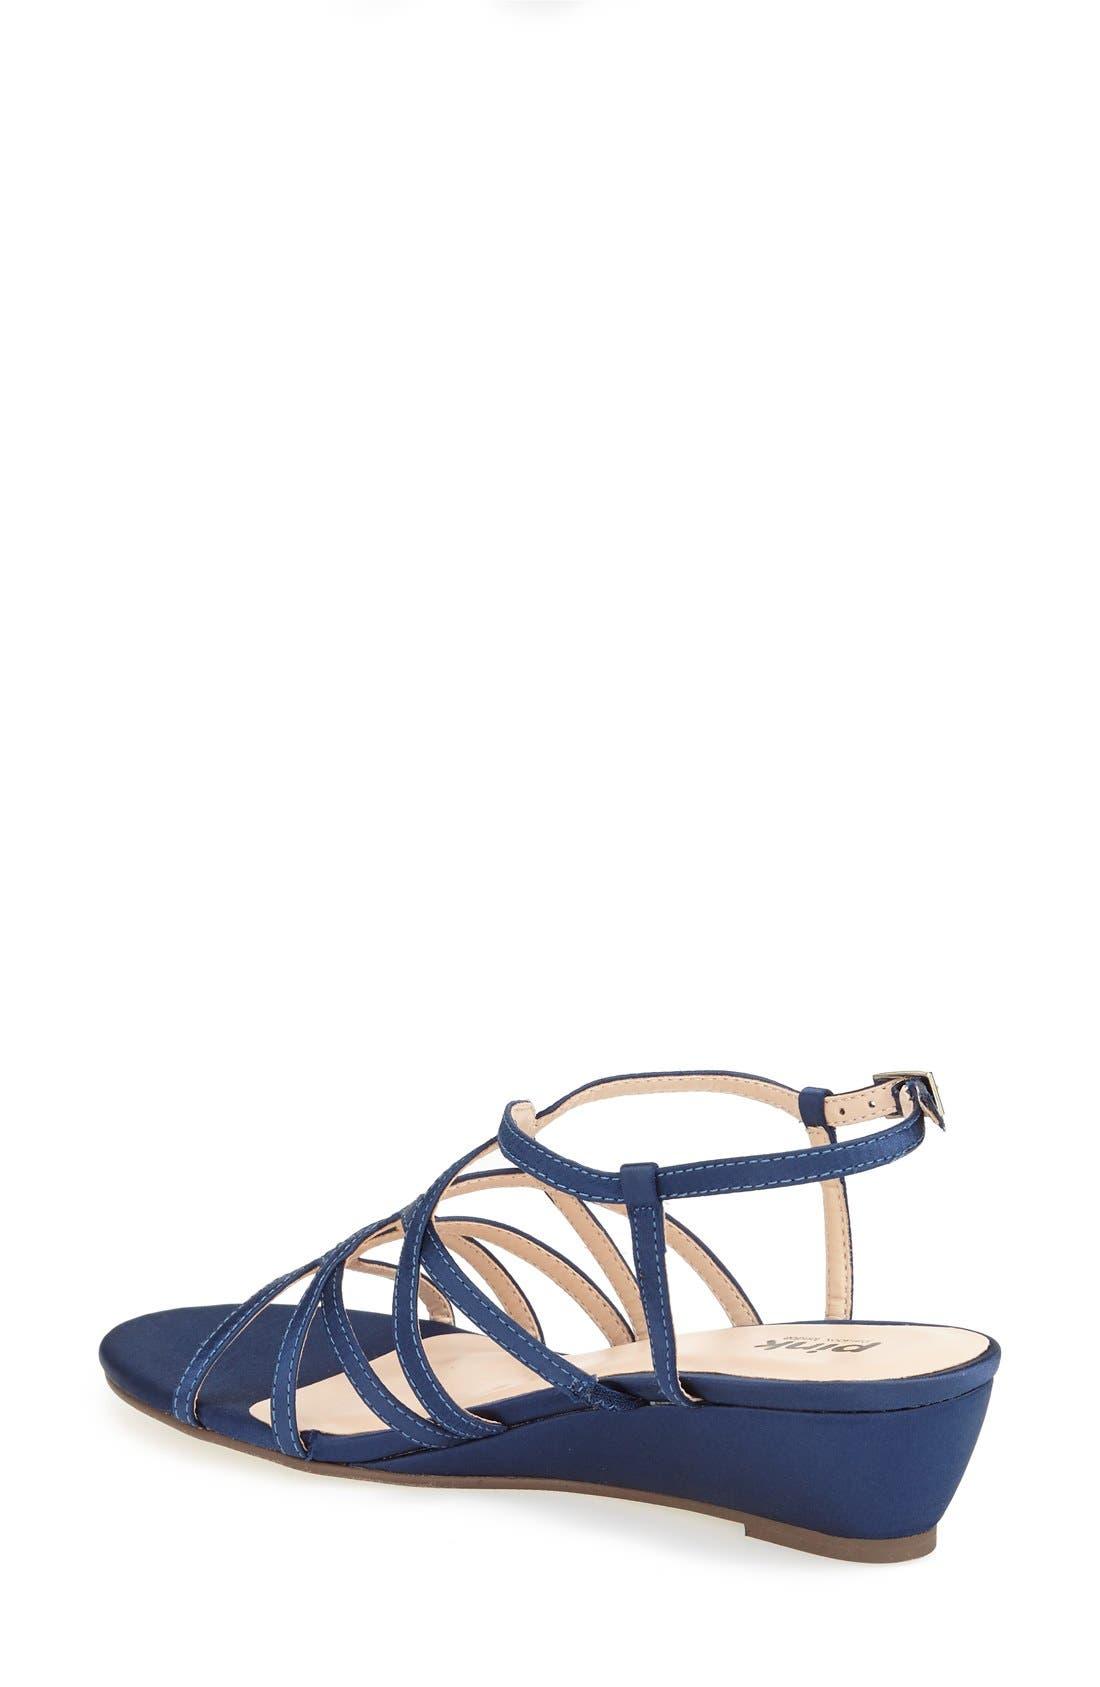 'Opulent' Wedge Sandal,                             Alternate thumbnail 2, color,                             NAVY